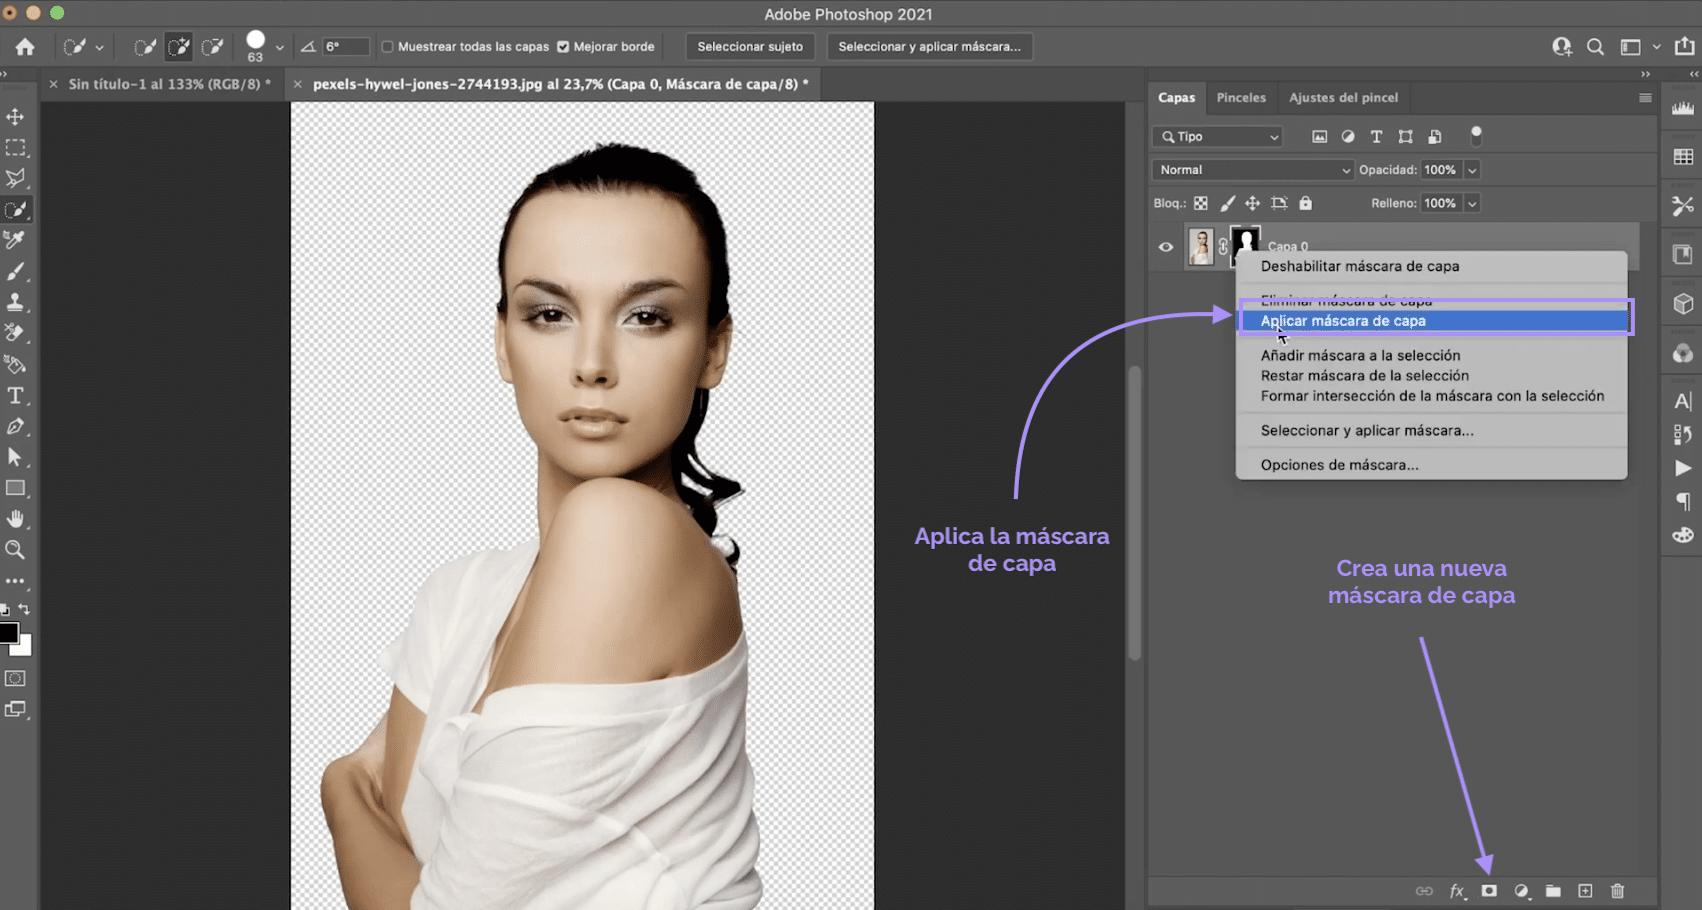 Cómo crear una nueva máscara de capa en Photoshop